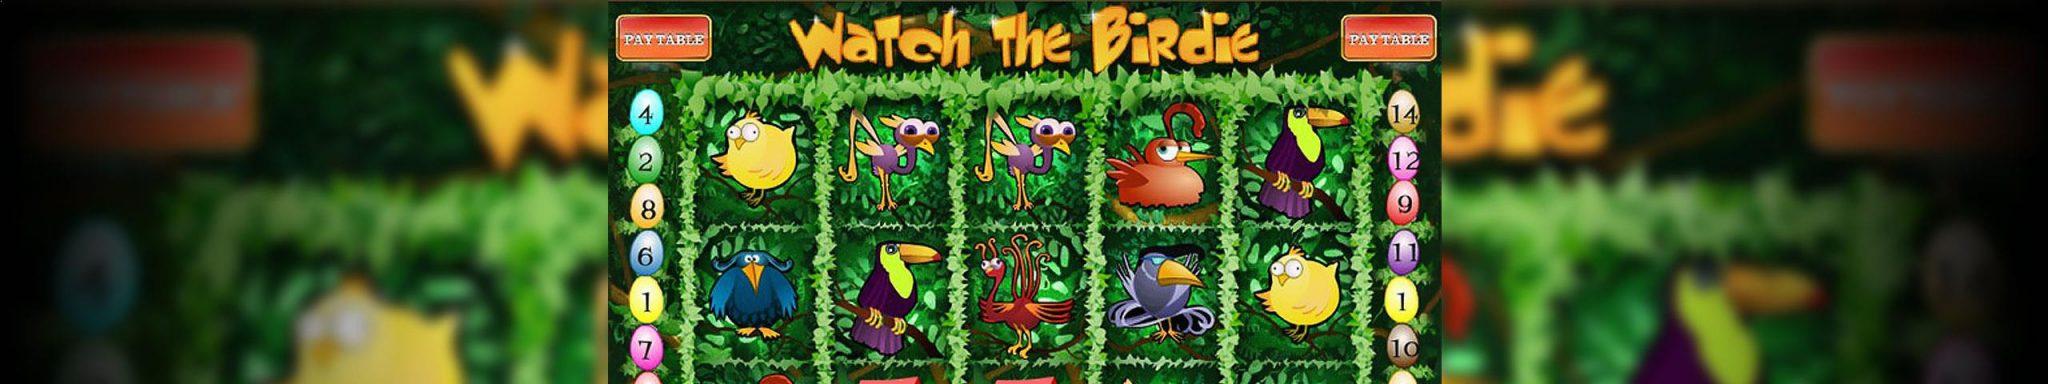 Norske Spilleautomater Watch the Birdie Rival Slider - Himmelspill.com